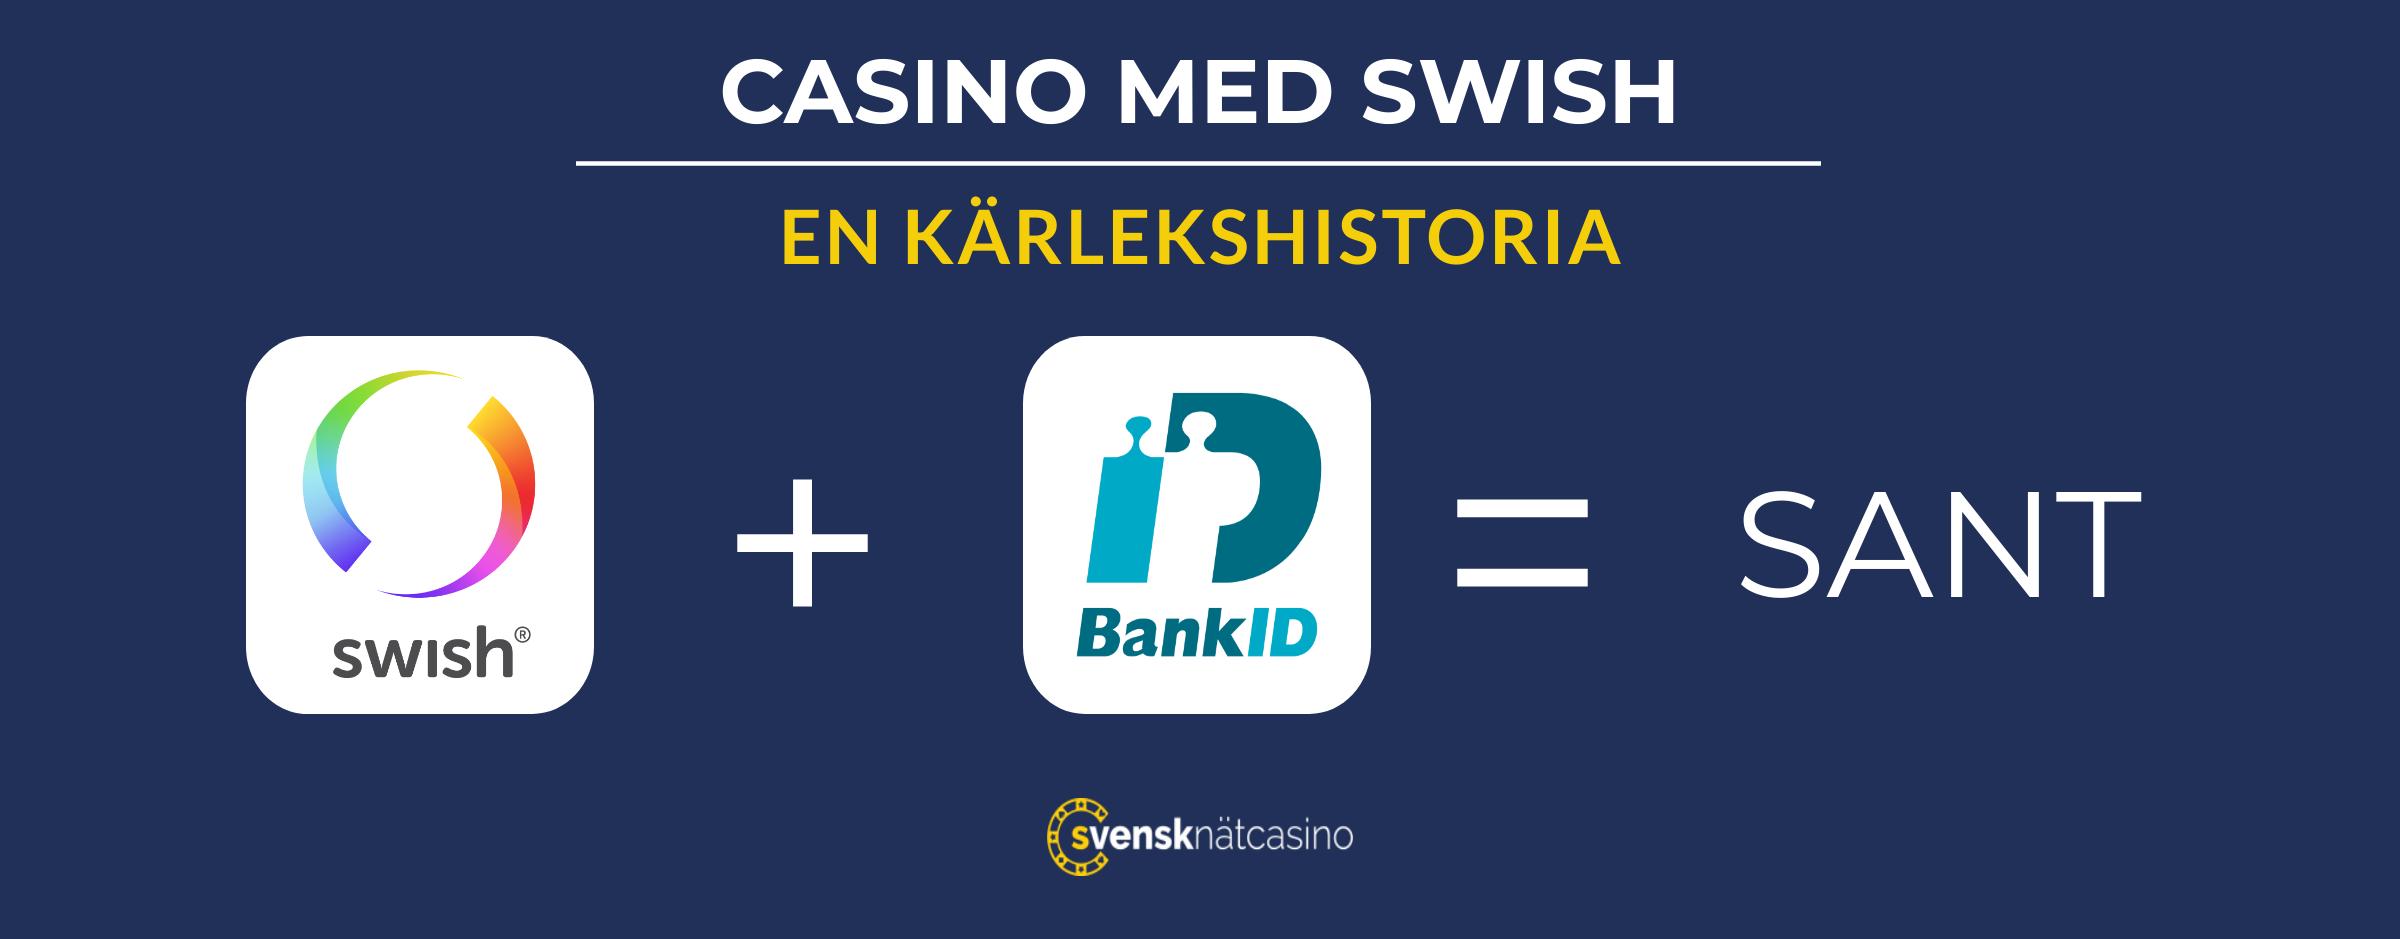 Casino med swish grundat bronzecasino